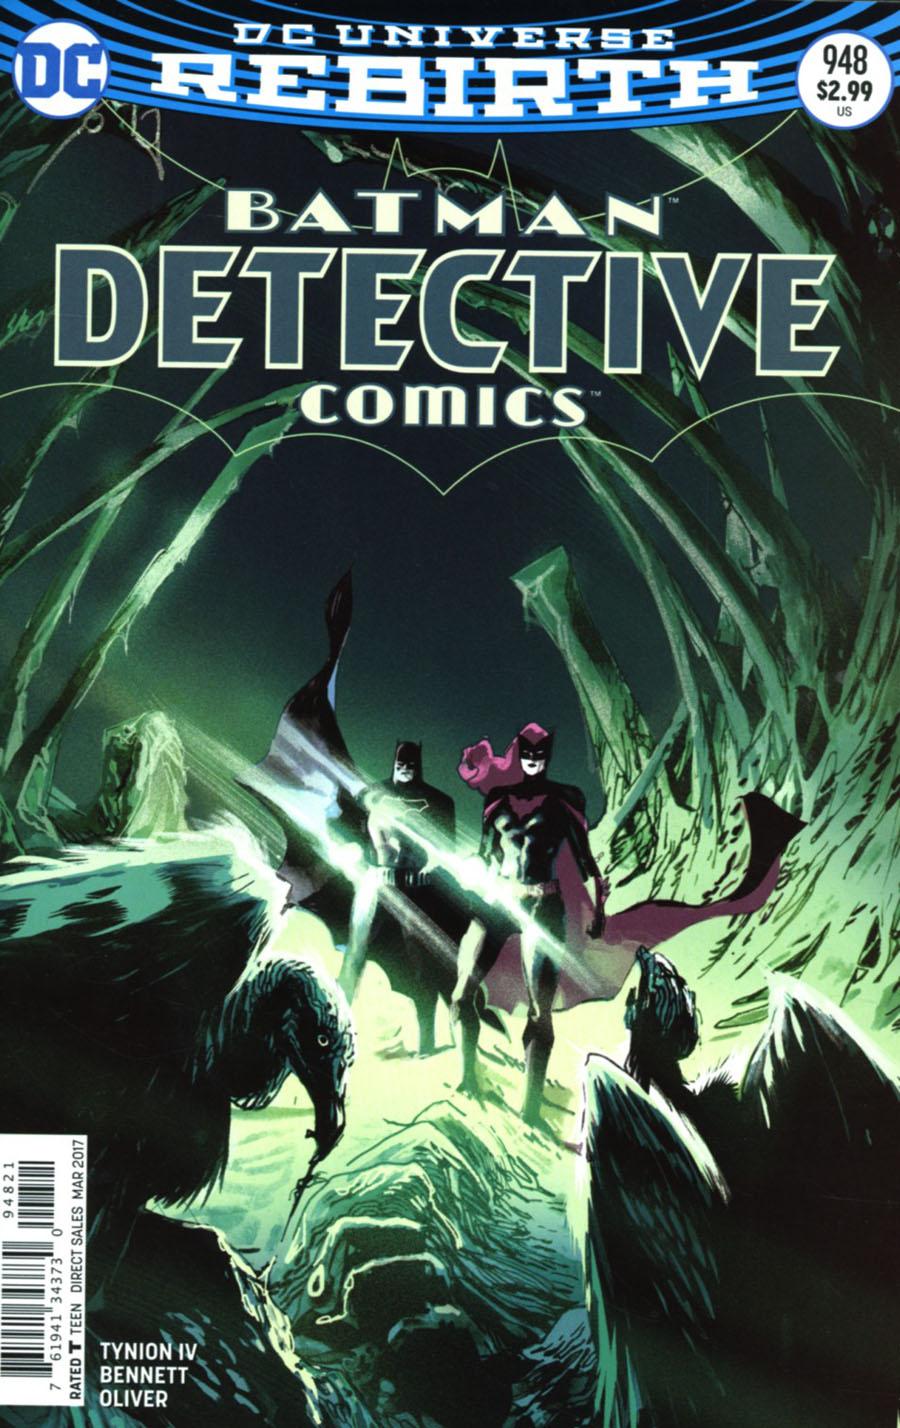 Detective Comics Vol 2 #948 Cover B Variant Rafael Albuquerque Cover